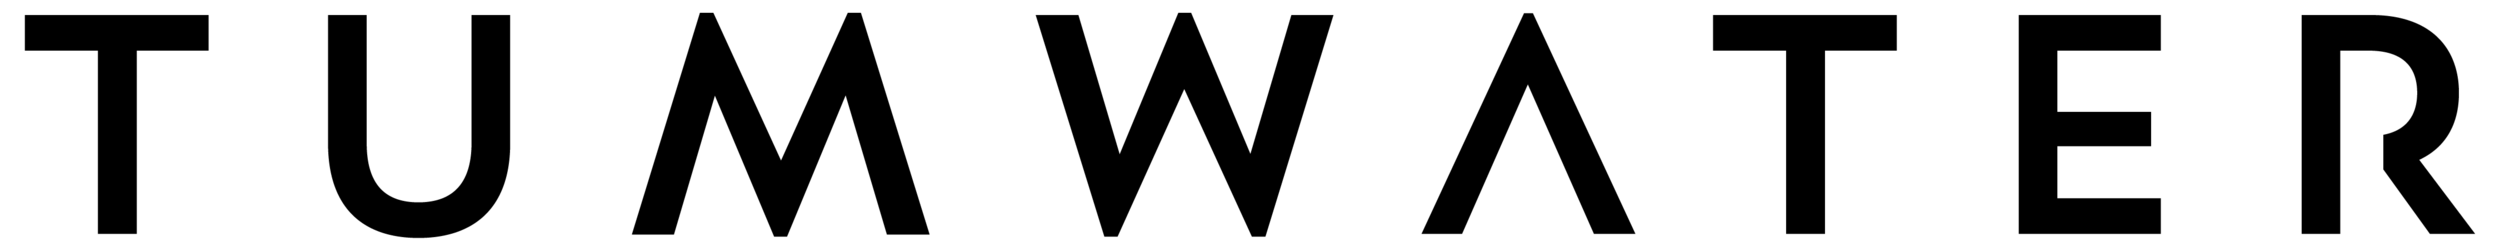 """Christina Ward   The following is placeholder text known as """"lorem ipsum,"""" which is scrambled Latin used by designers to mimic real copy. Aenean eu justo sed elit dignissim aliquam. Integer tempus, elit in laoreet posuere, lectus neque blandit dui, et placerat urna diam mattis orci. Vivamus a ante congue, porta nunc nec, hendrerit turpis. Vivamus sit amet semper lacus, in mollis libero."""